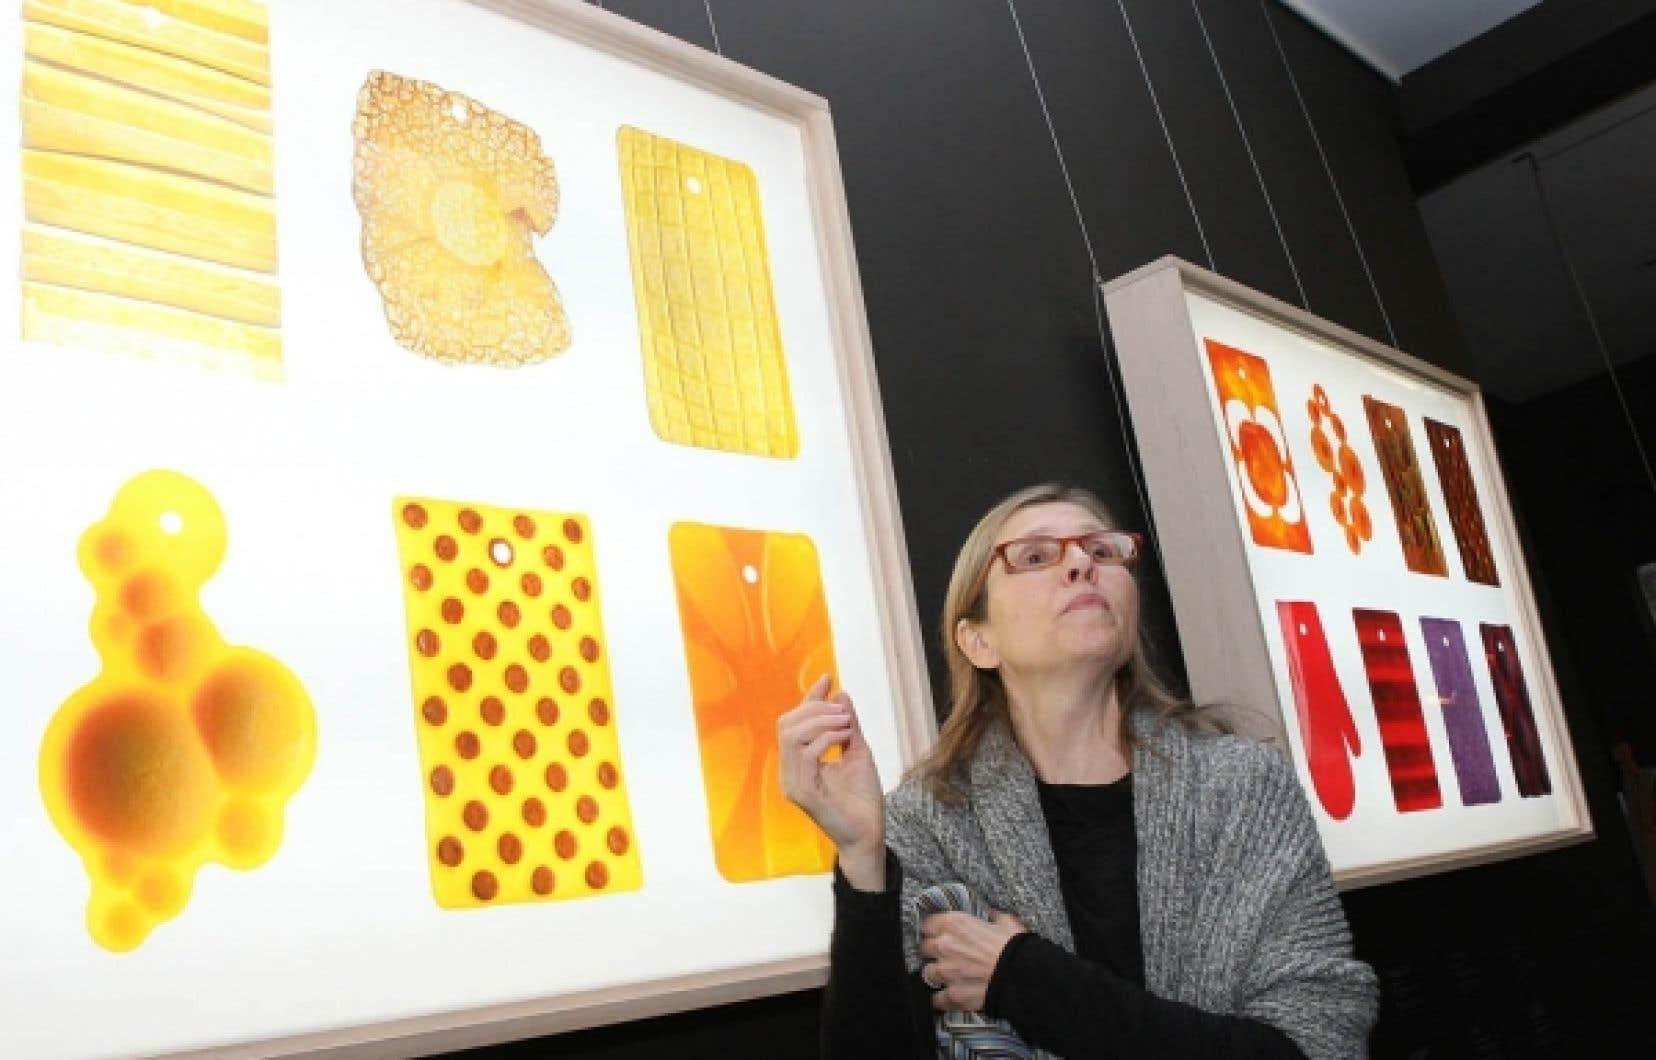 L'exposition montréalaise des contenants mangeables de la designer et anthropologue Diane Bisson s'inscrit dans la première phase d'un projet gastronomique de grande envergure.